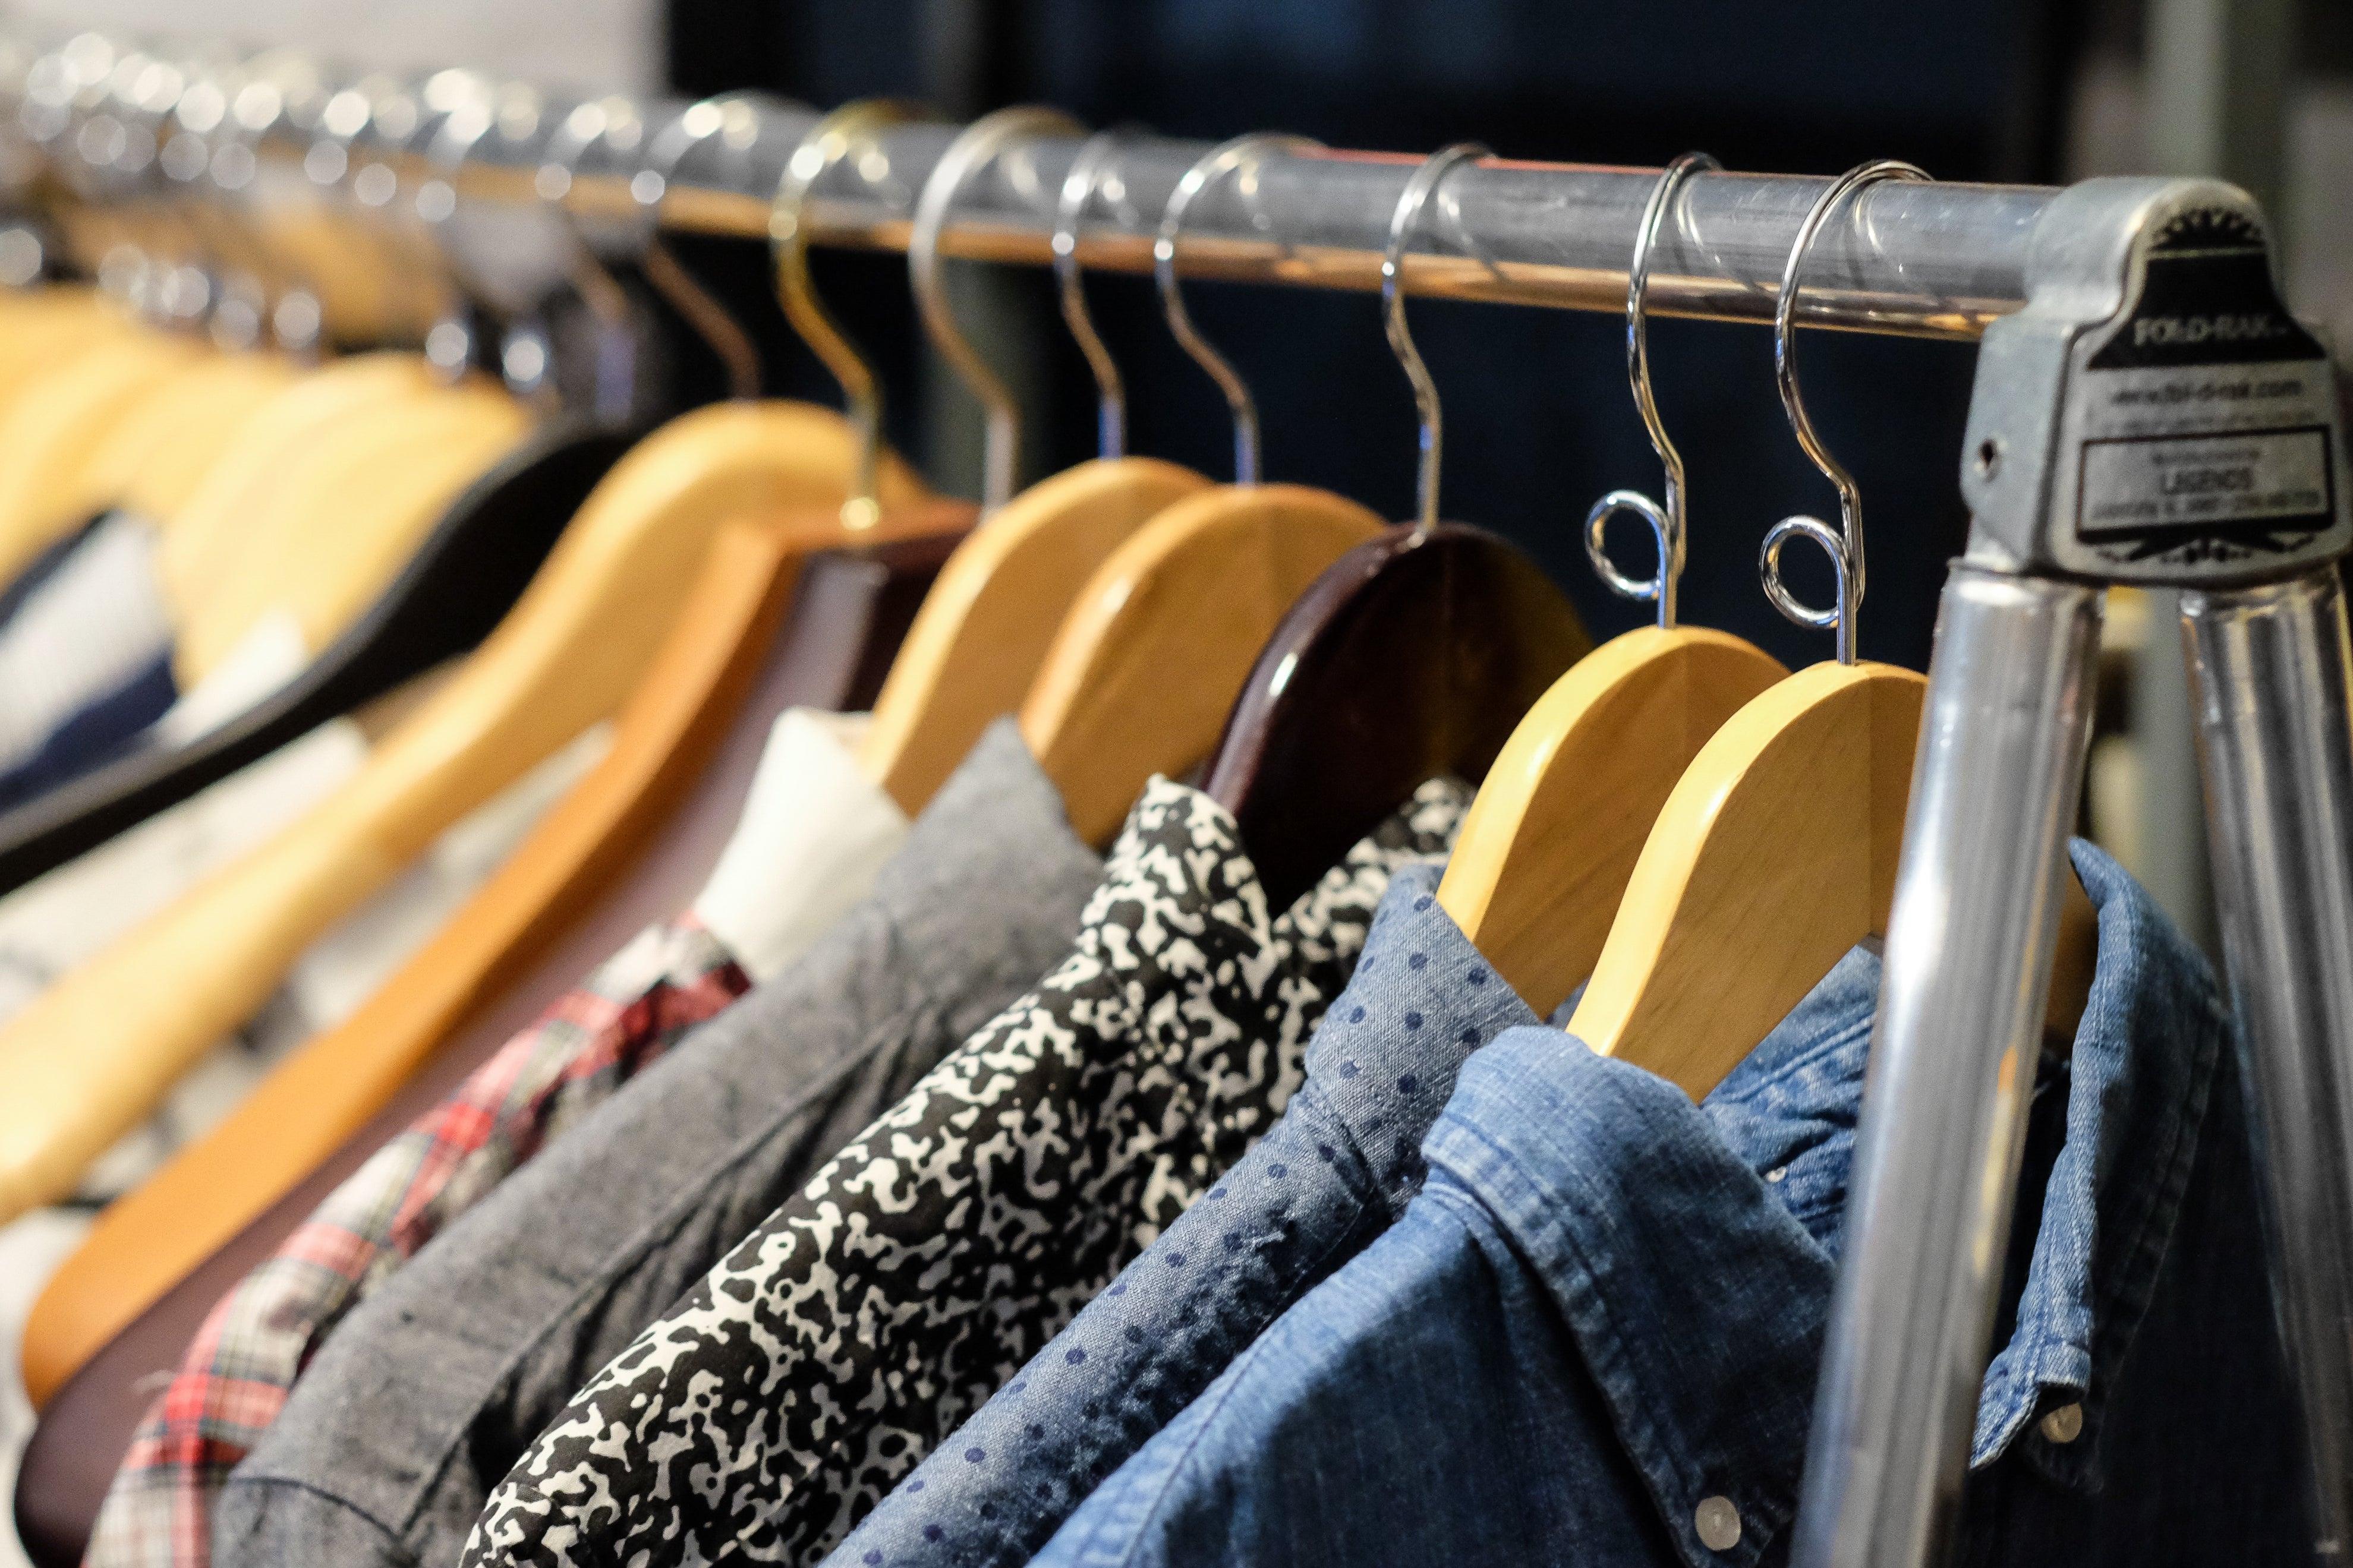 Hangers on a rack.